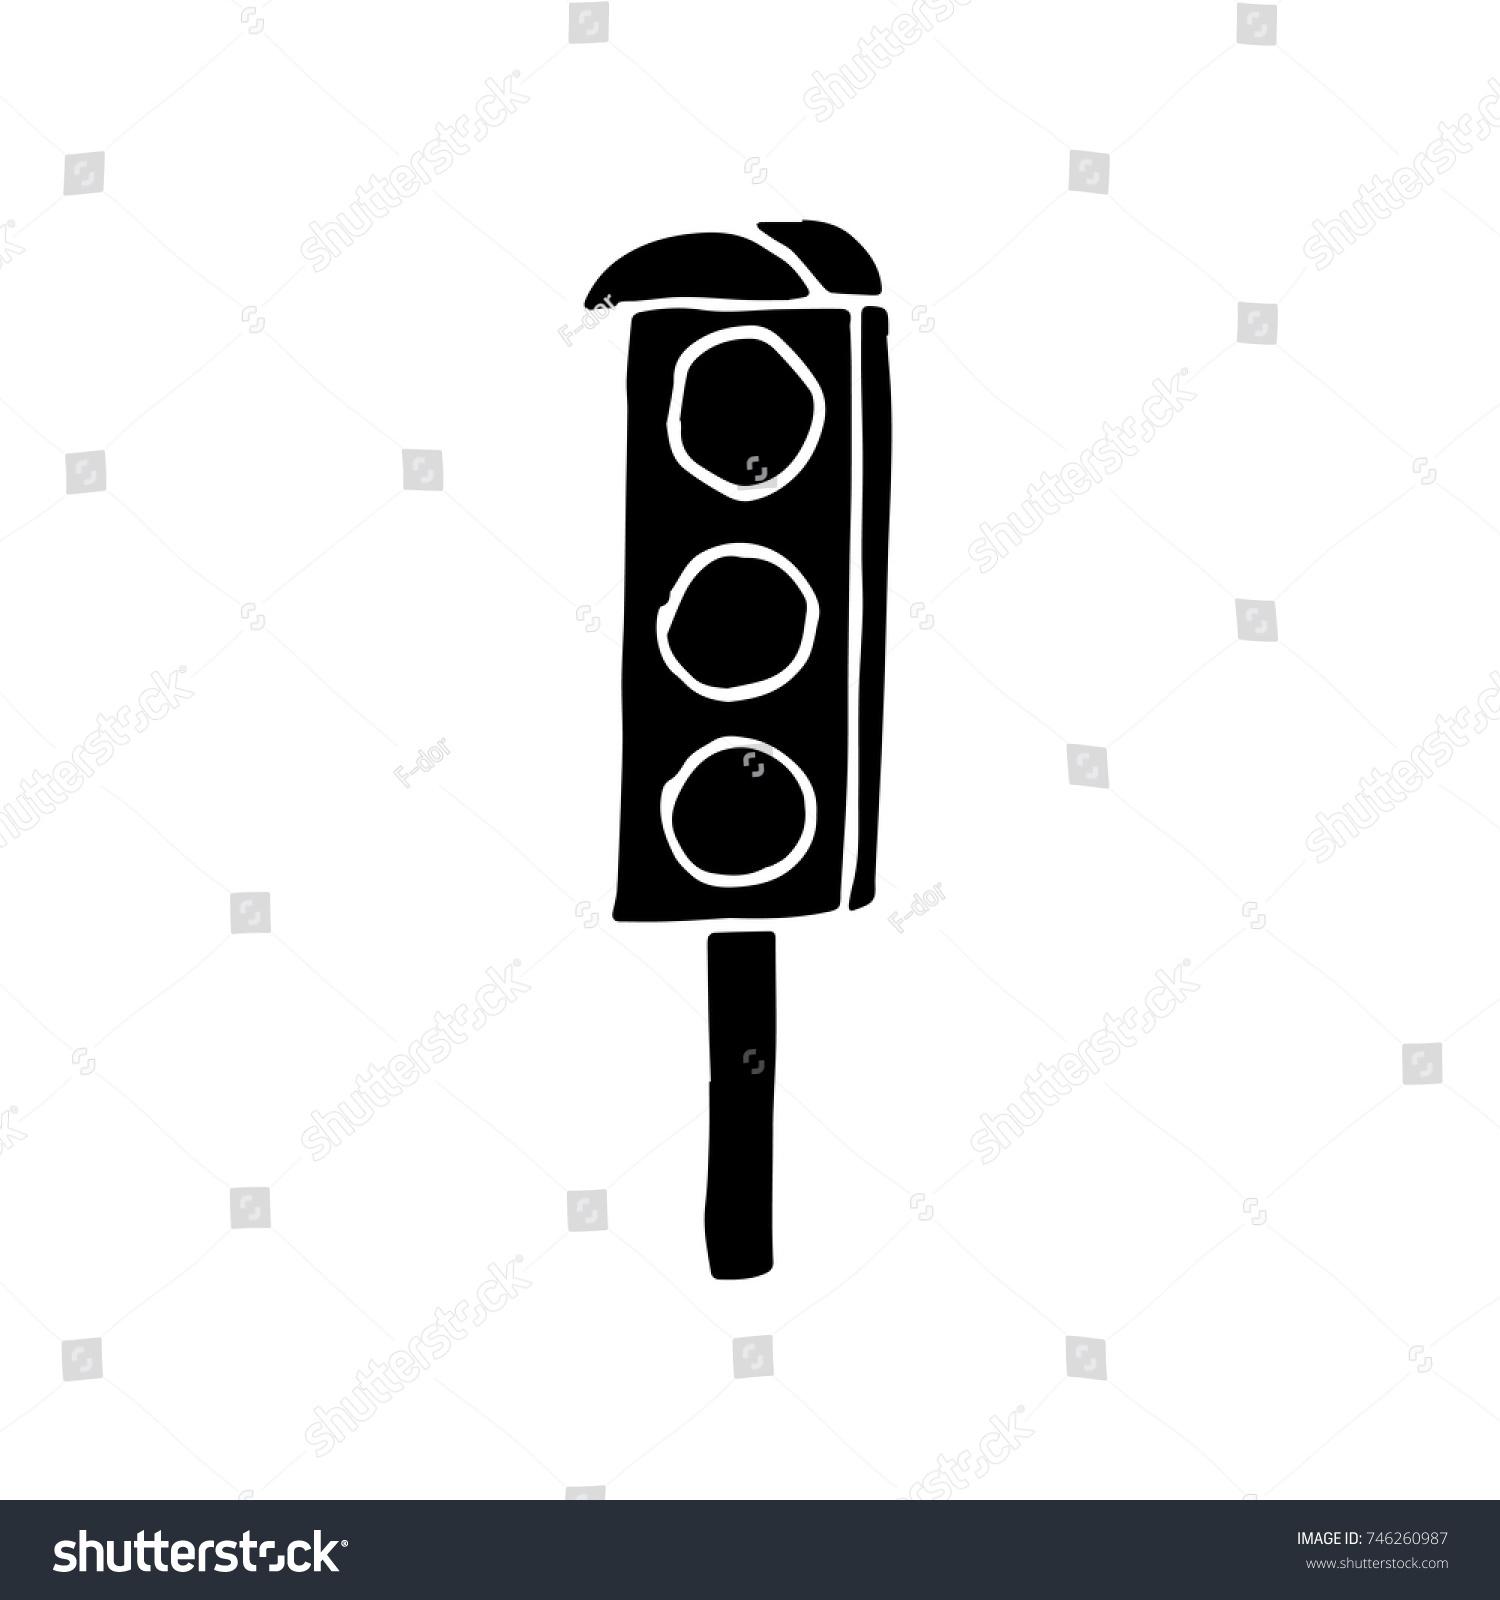 Traffic Light Vector Sketch Stock Vector 746260987 - Shutterstock for Traffic Light Sketch  181pct